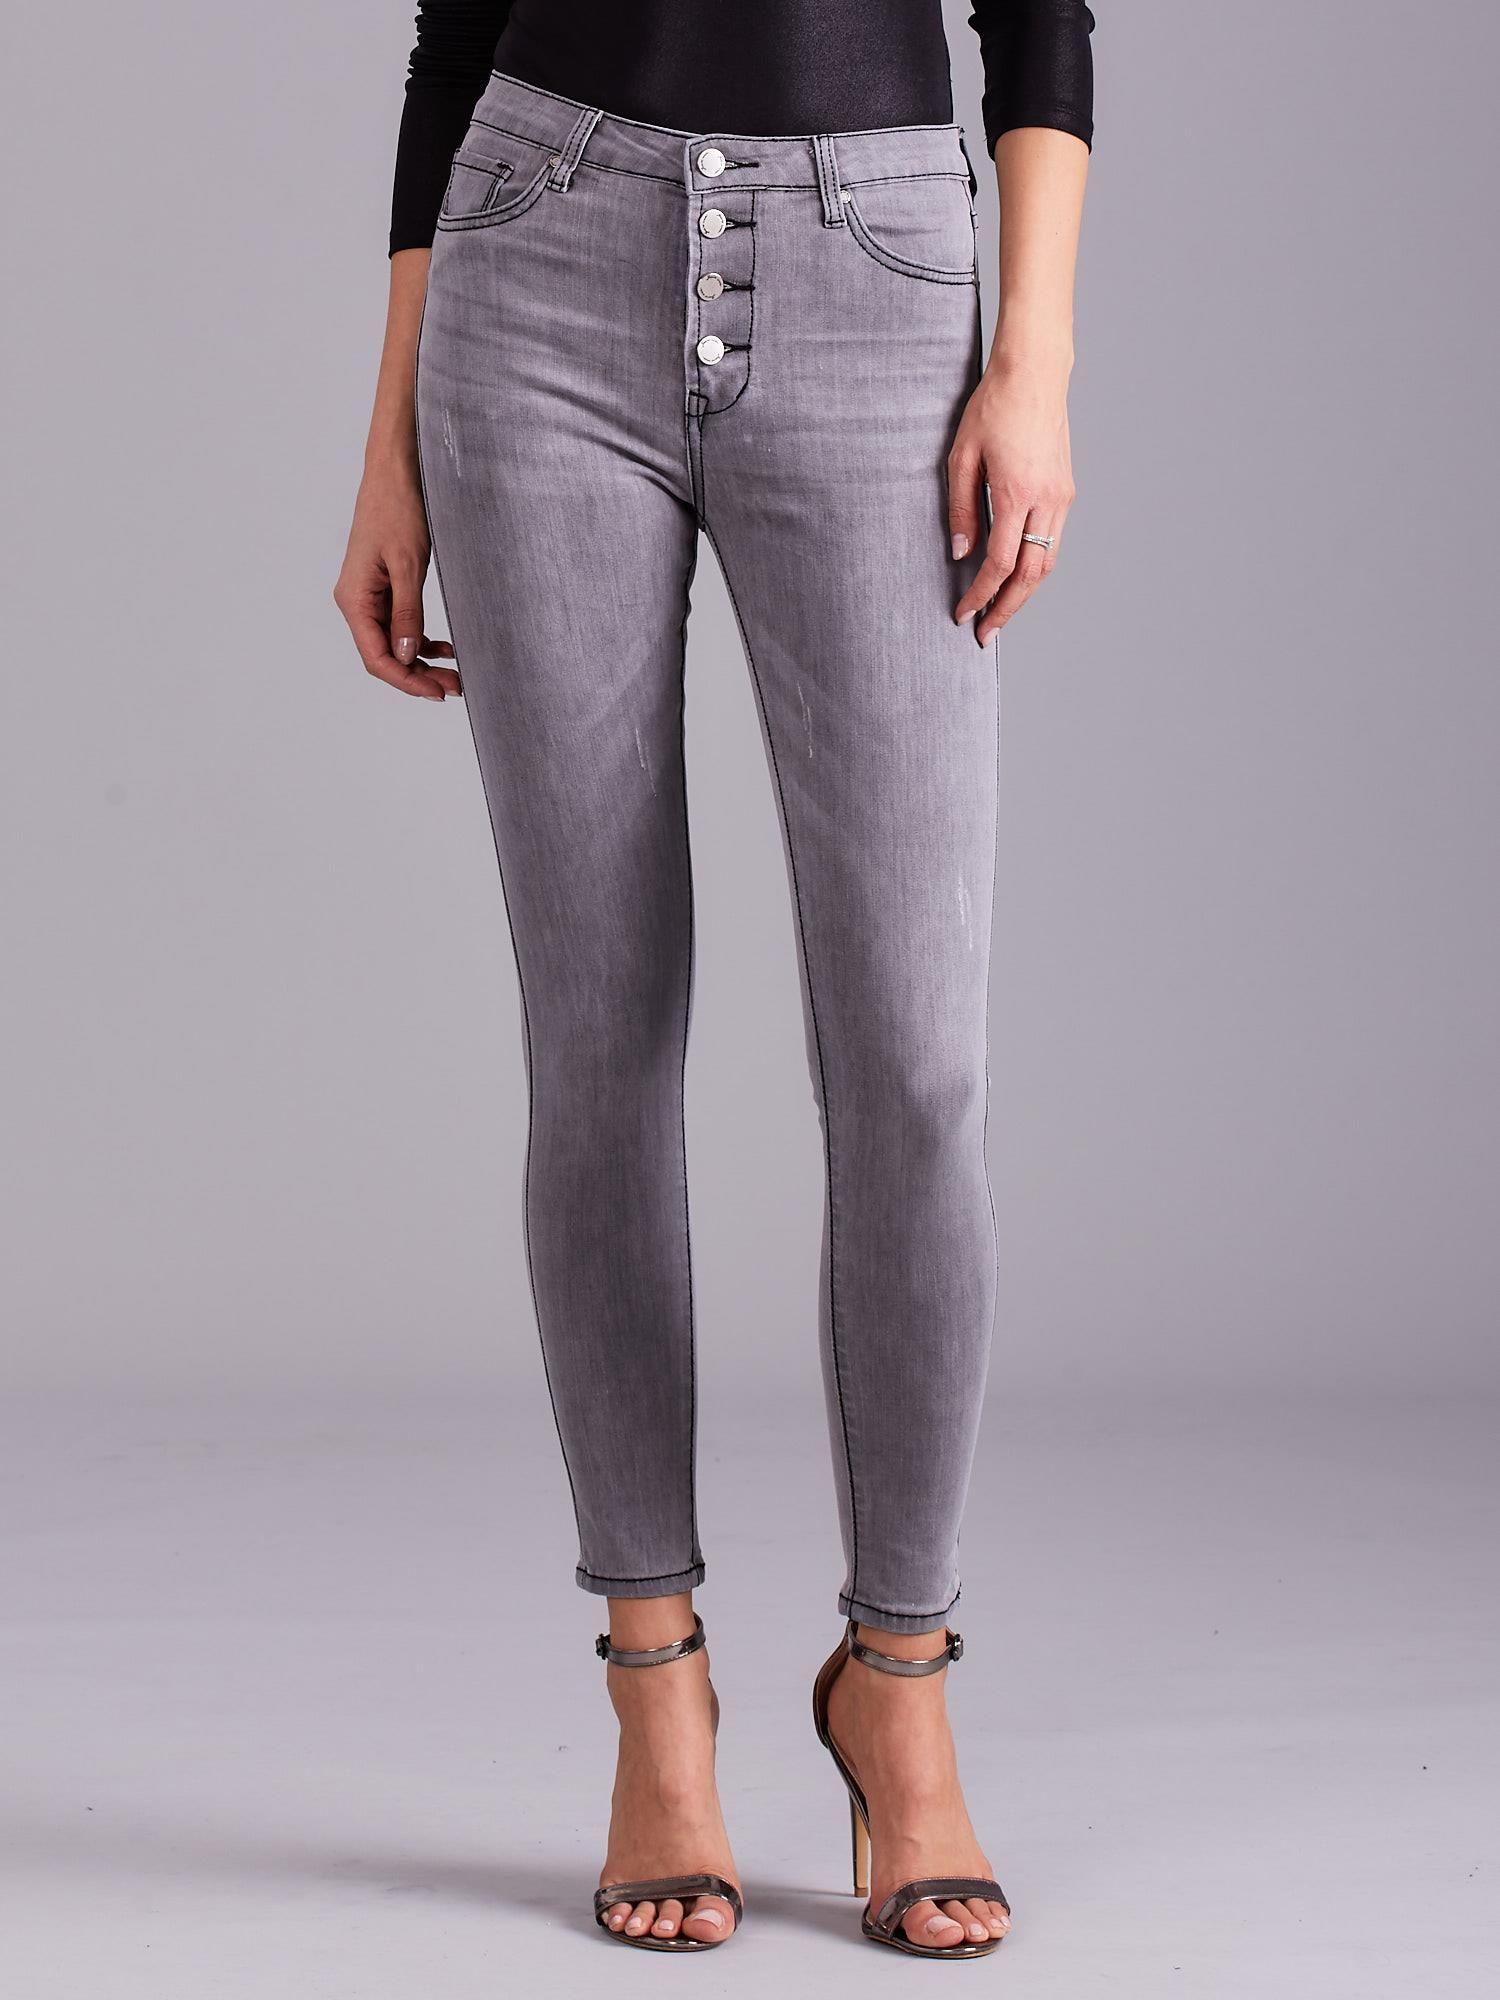 ce760e041d Szare jeansy damskie z wysokim stanem - Spodnie jeansowe - sklep ...